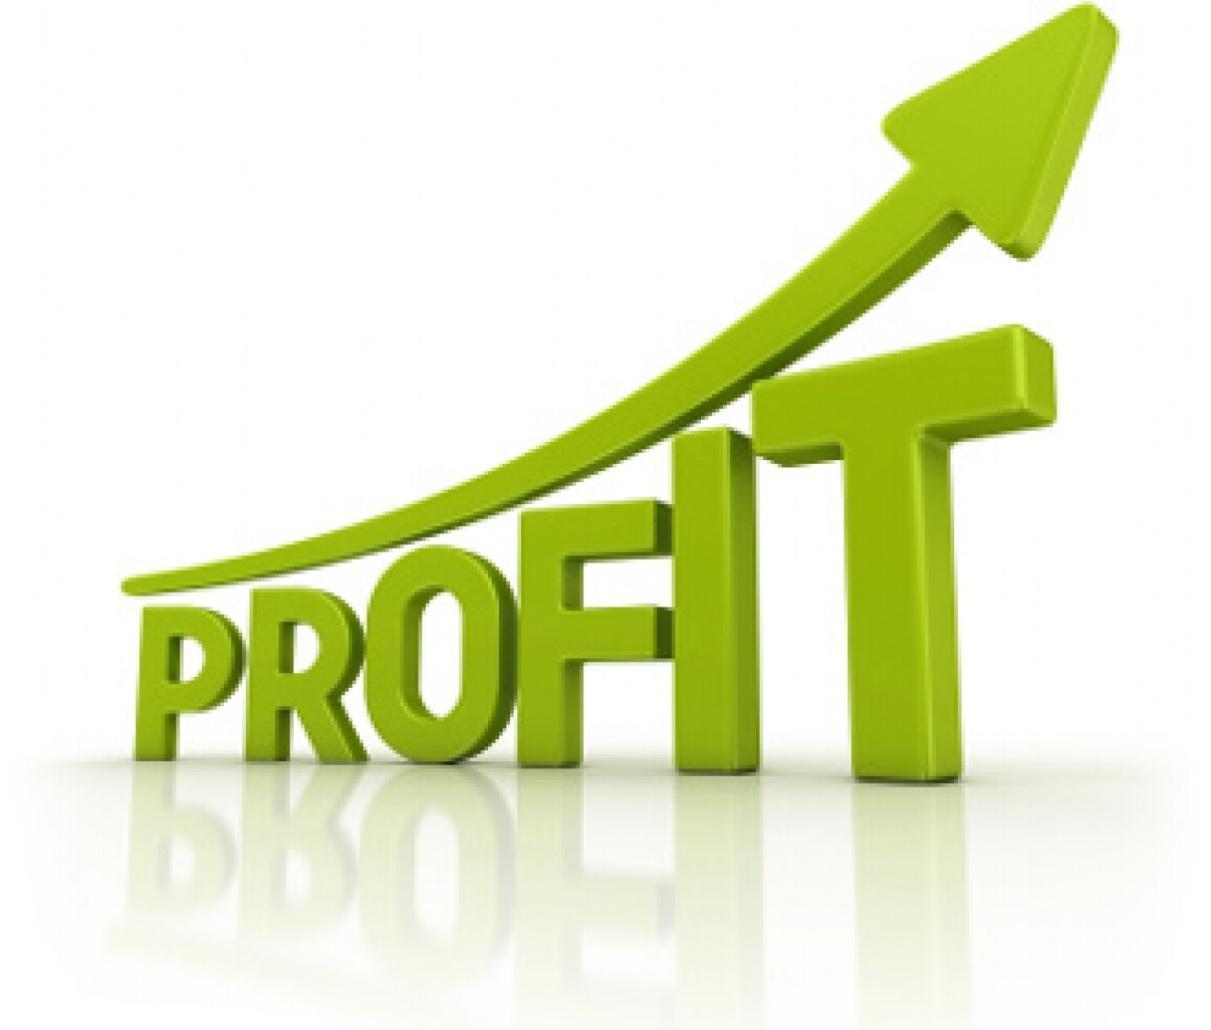 Image result for profit